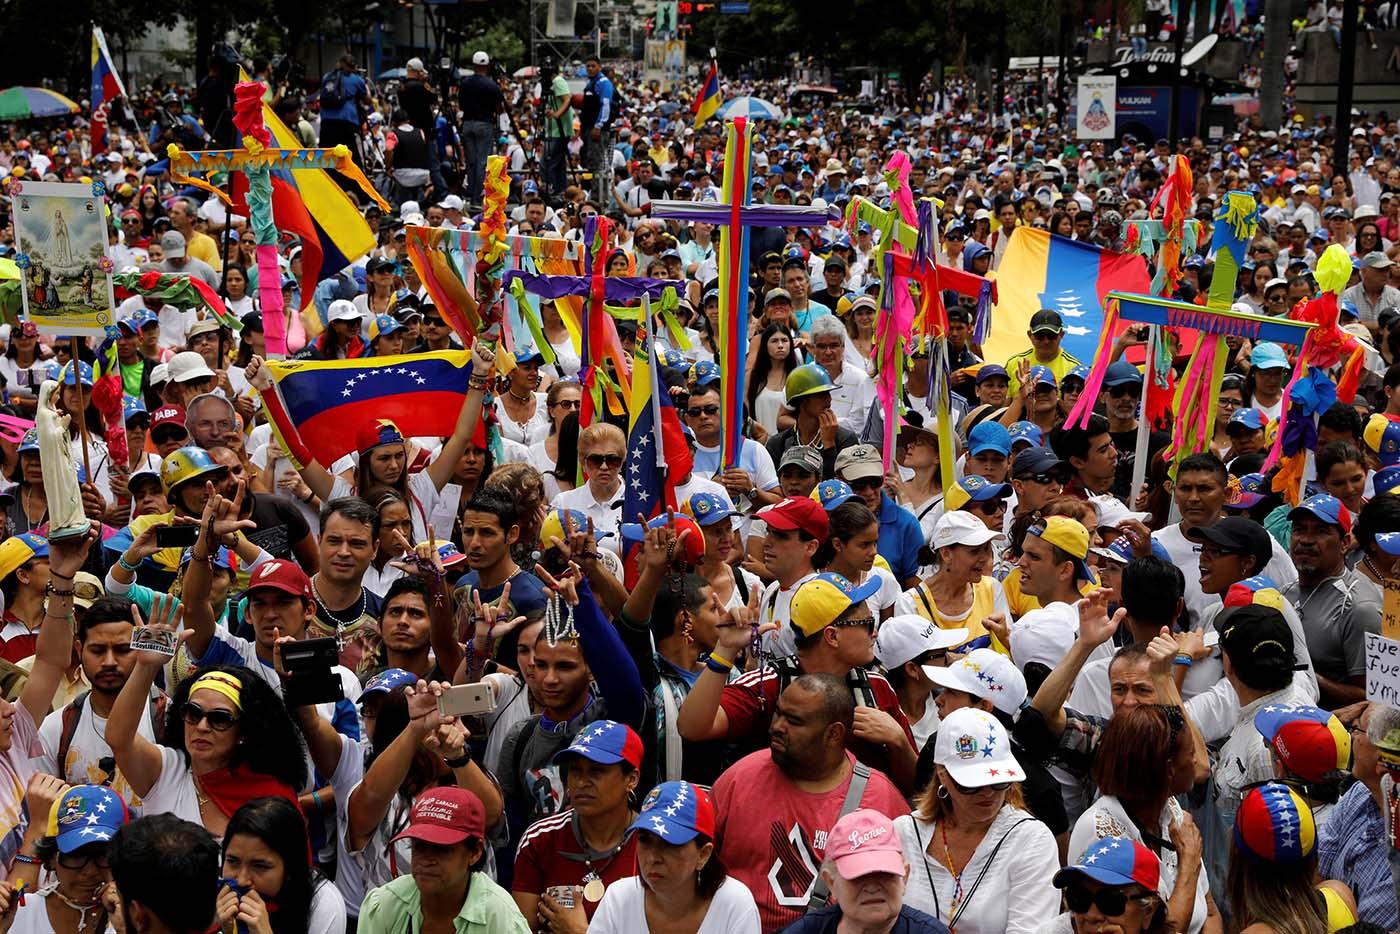 Opositores rezaron por la paz de Venezuela   Junio 17, 2017. REUTERS/Carlos García Rawlins